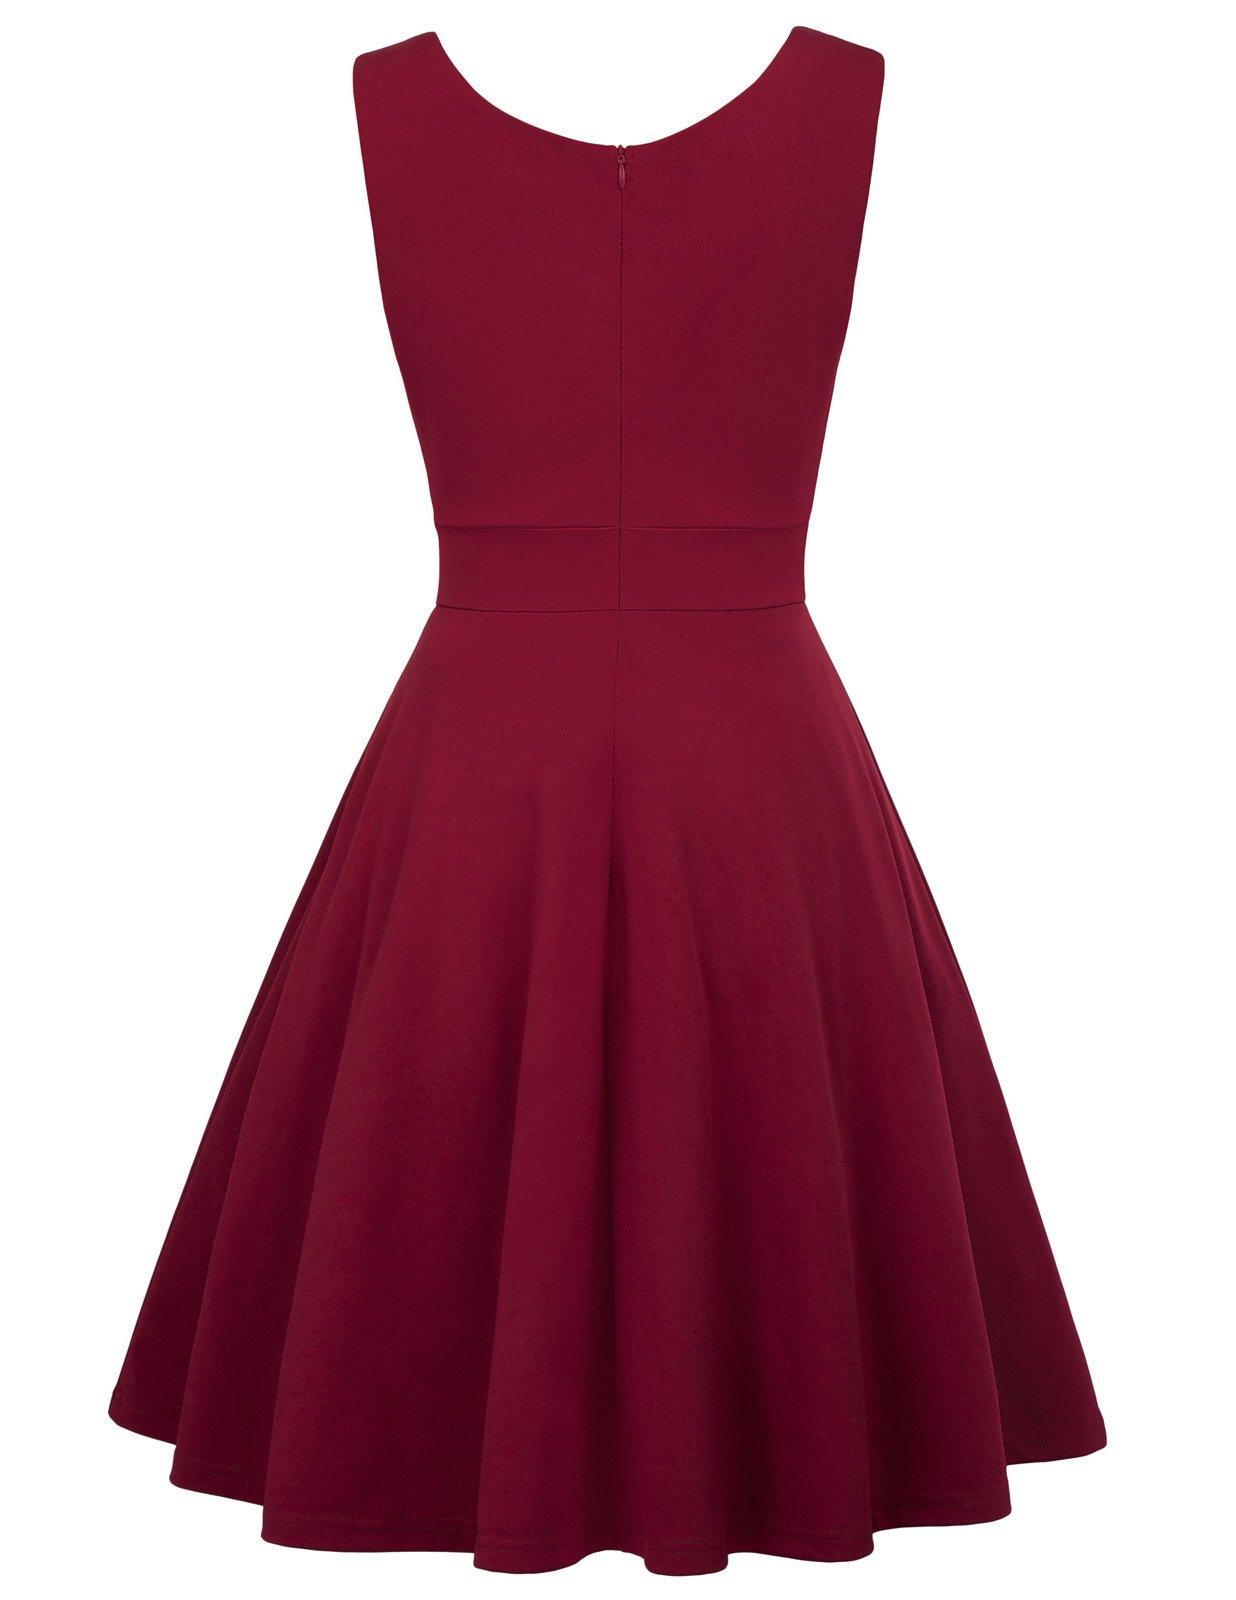 GRACE-KARIN-Womens-50s-60s-Vintage-Sleeveless-V-Neck-Cocktail-Swing-Dress